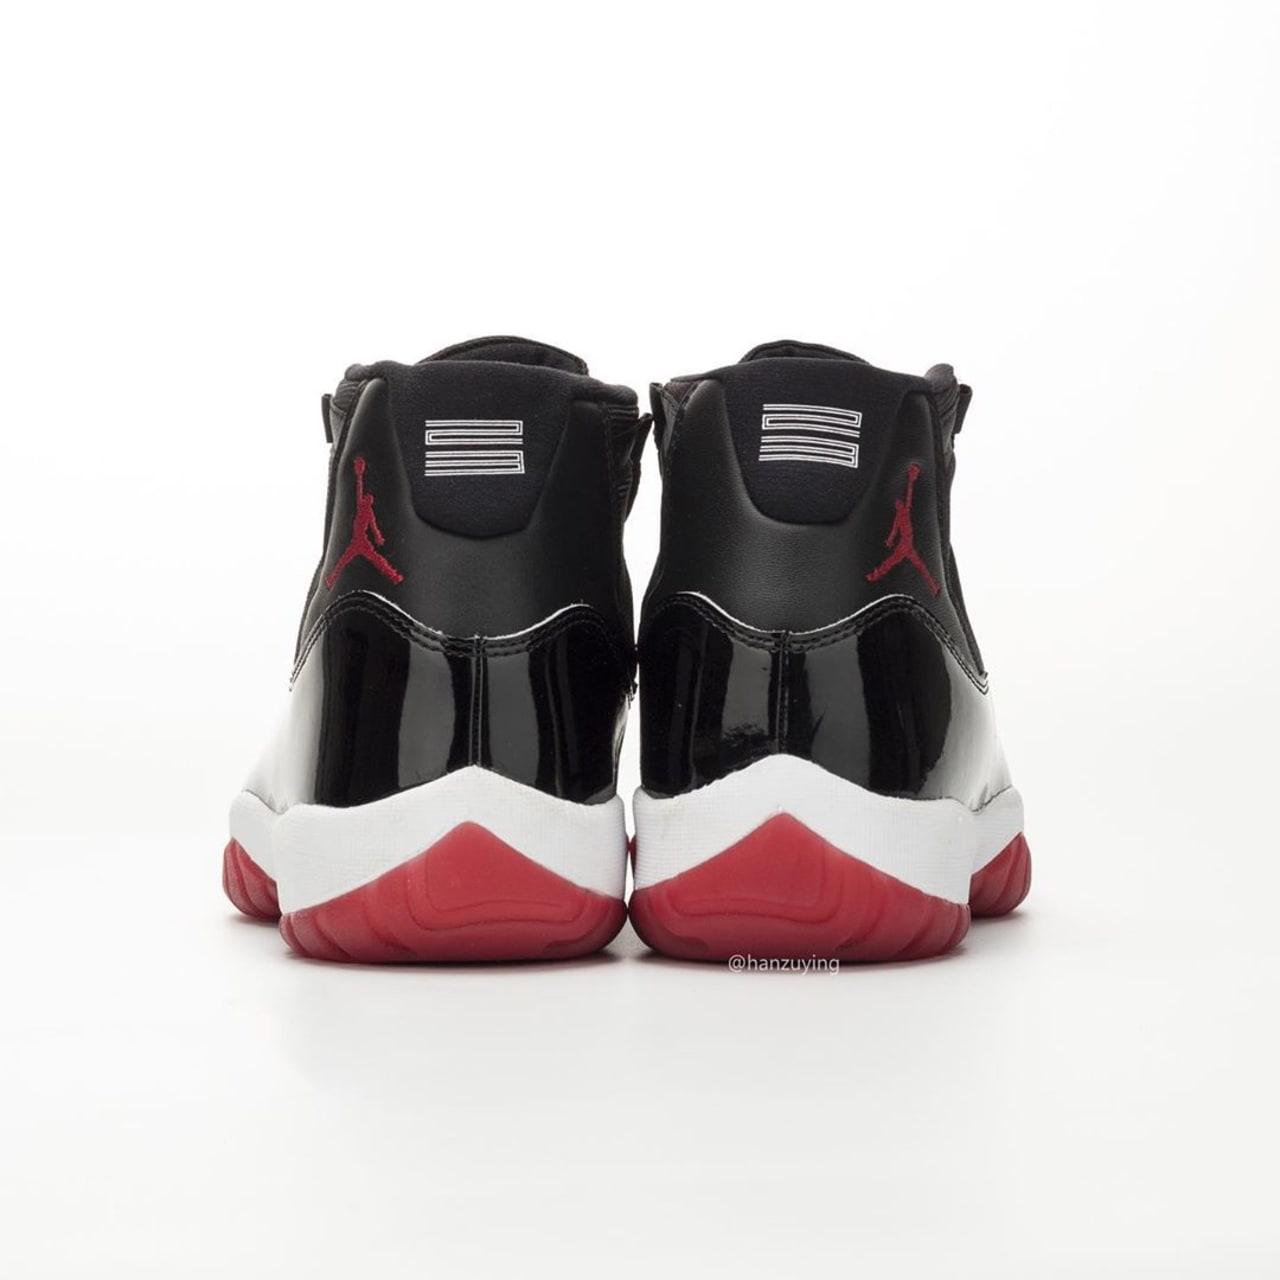 47d9521470b Air Jordan 11 XI Bred 2019 Release Date 378037-061 | Sole Collector